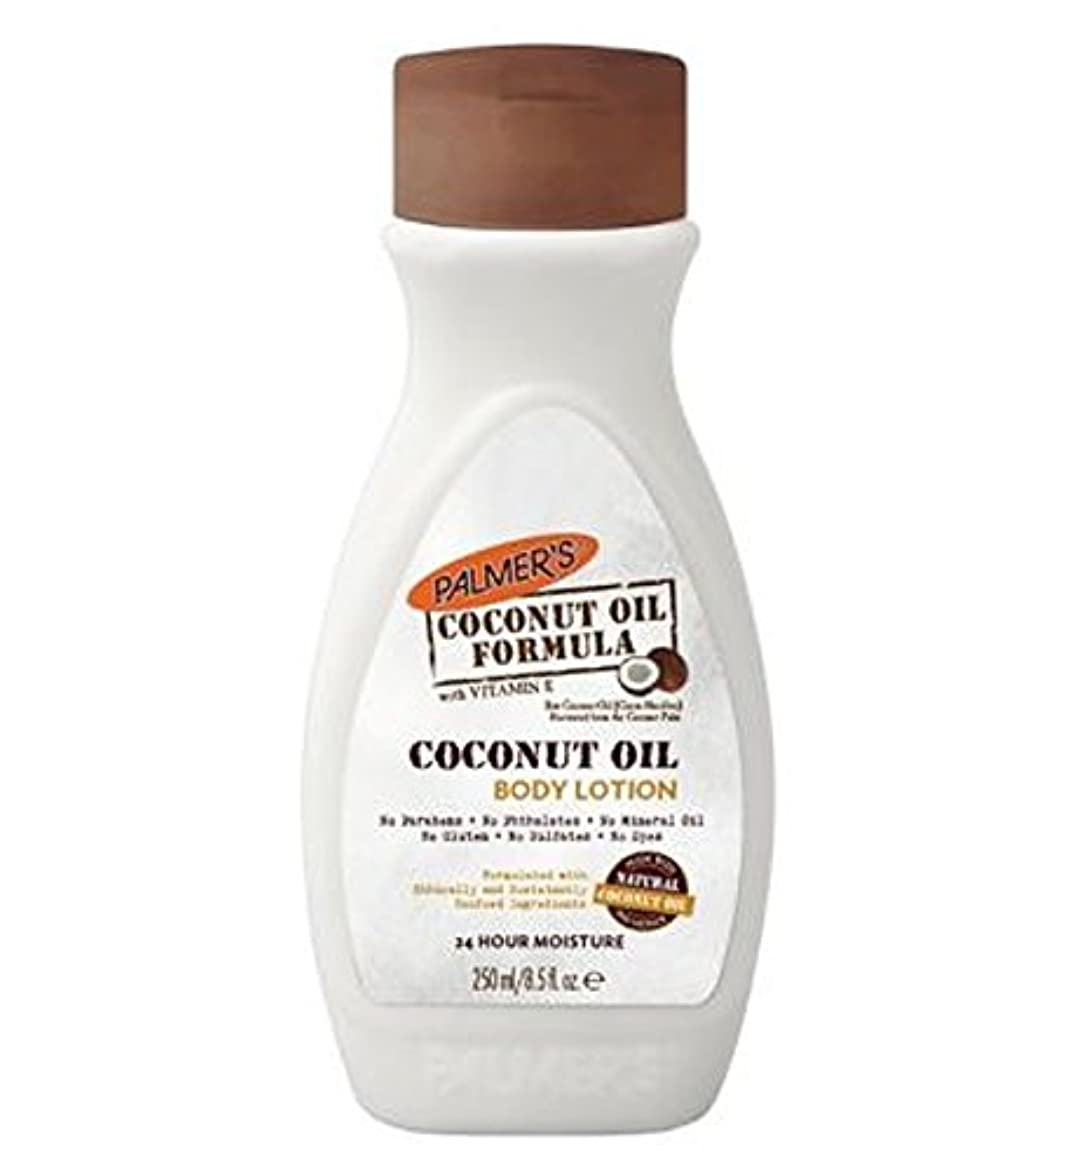 入力吐き出す金曜日Palmer's Coconut Oil Formula Body Lotion 250ml - パーマーのココナッツオイル式ボディローション250ミリリットル (Palmer's) [並行輸入品]